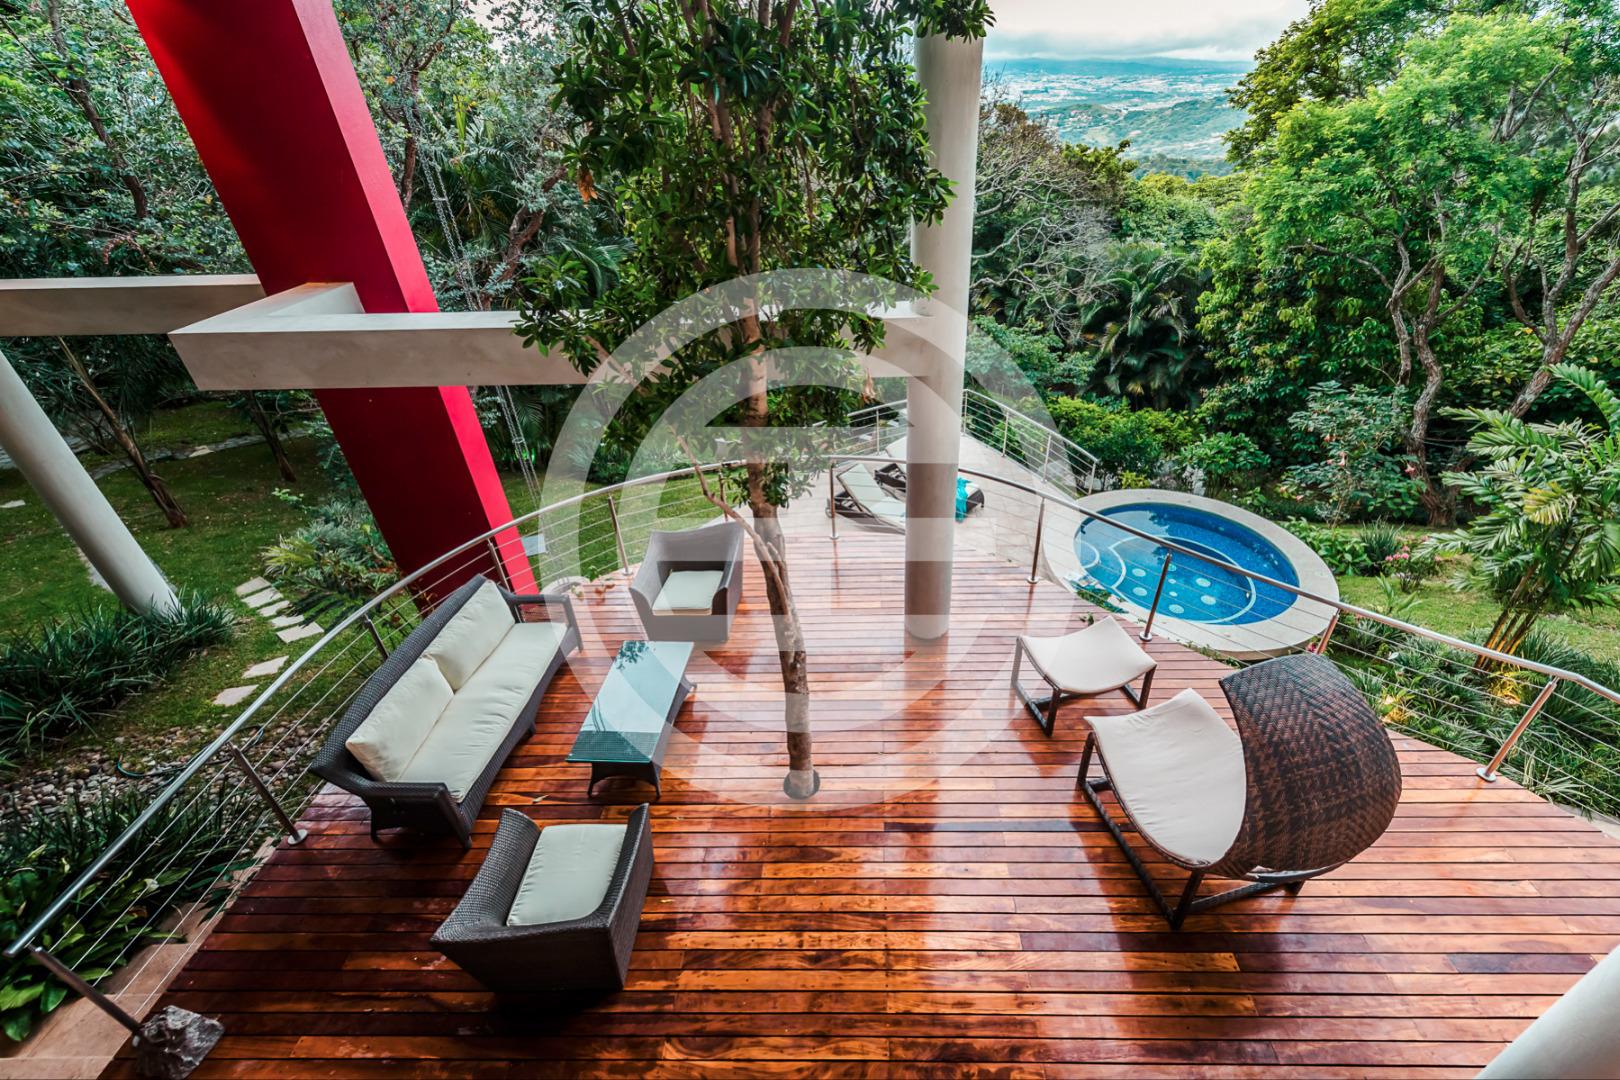 游泳池和私人日光浴平台给你真正在大自然享受生活的珍贵体验